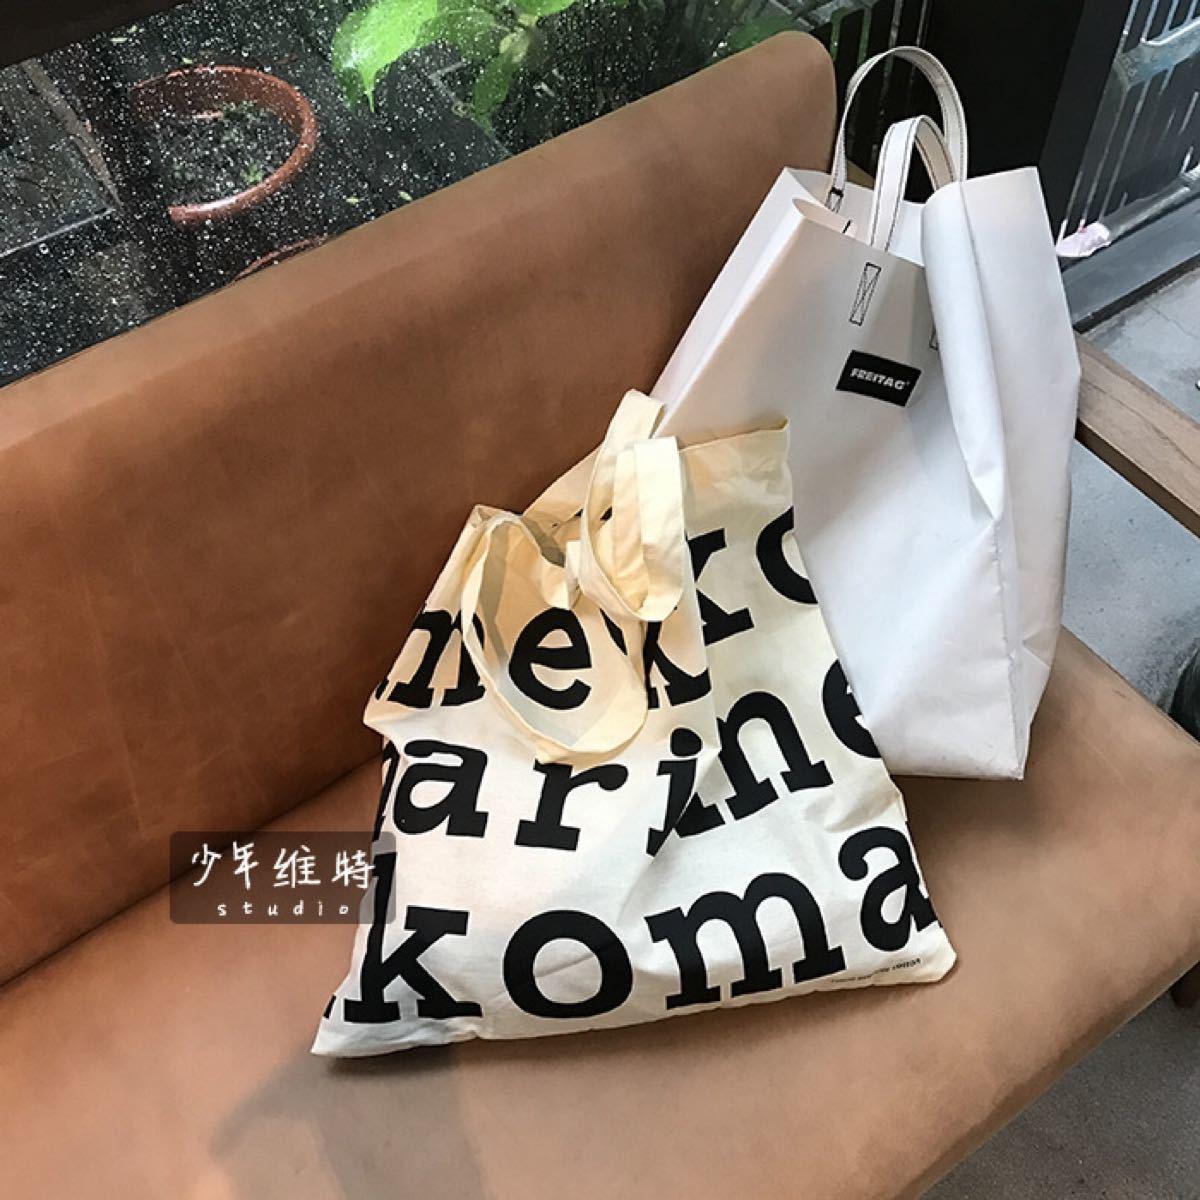 マリメッコ トートバッグ 大きめ エコバッグ 丈夫 キャンバス キュート 韓国